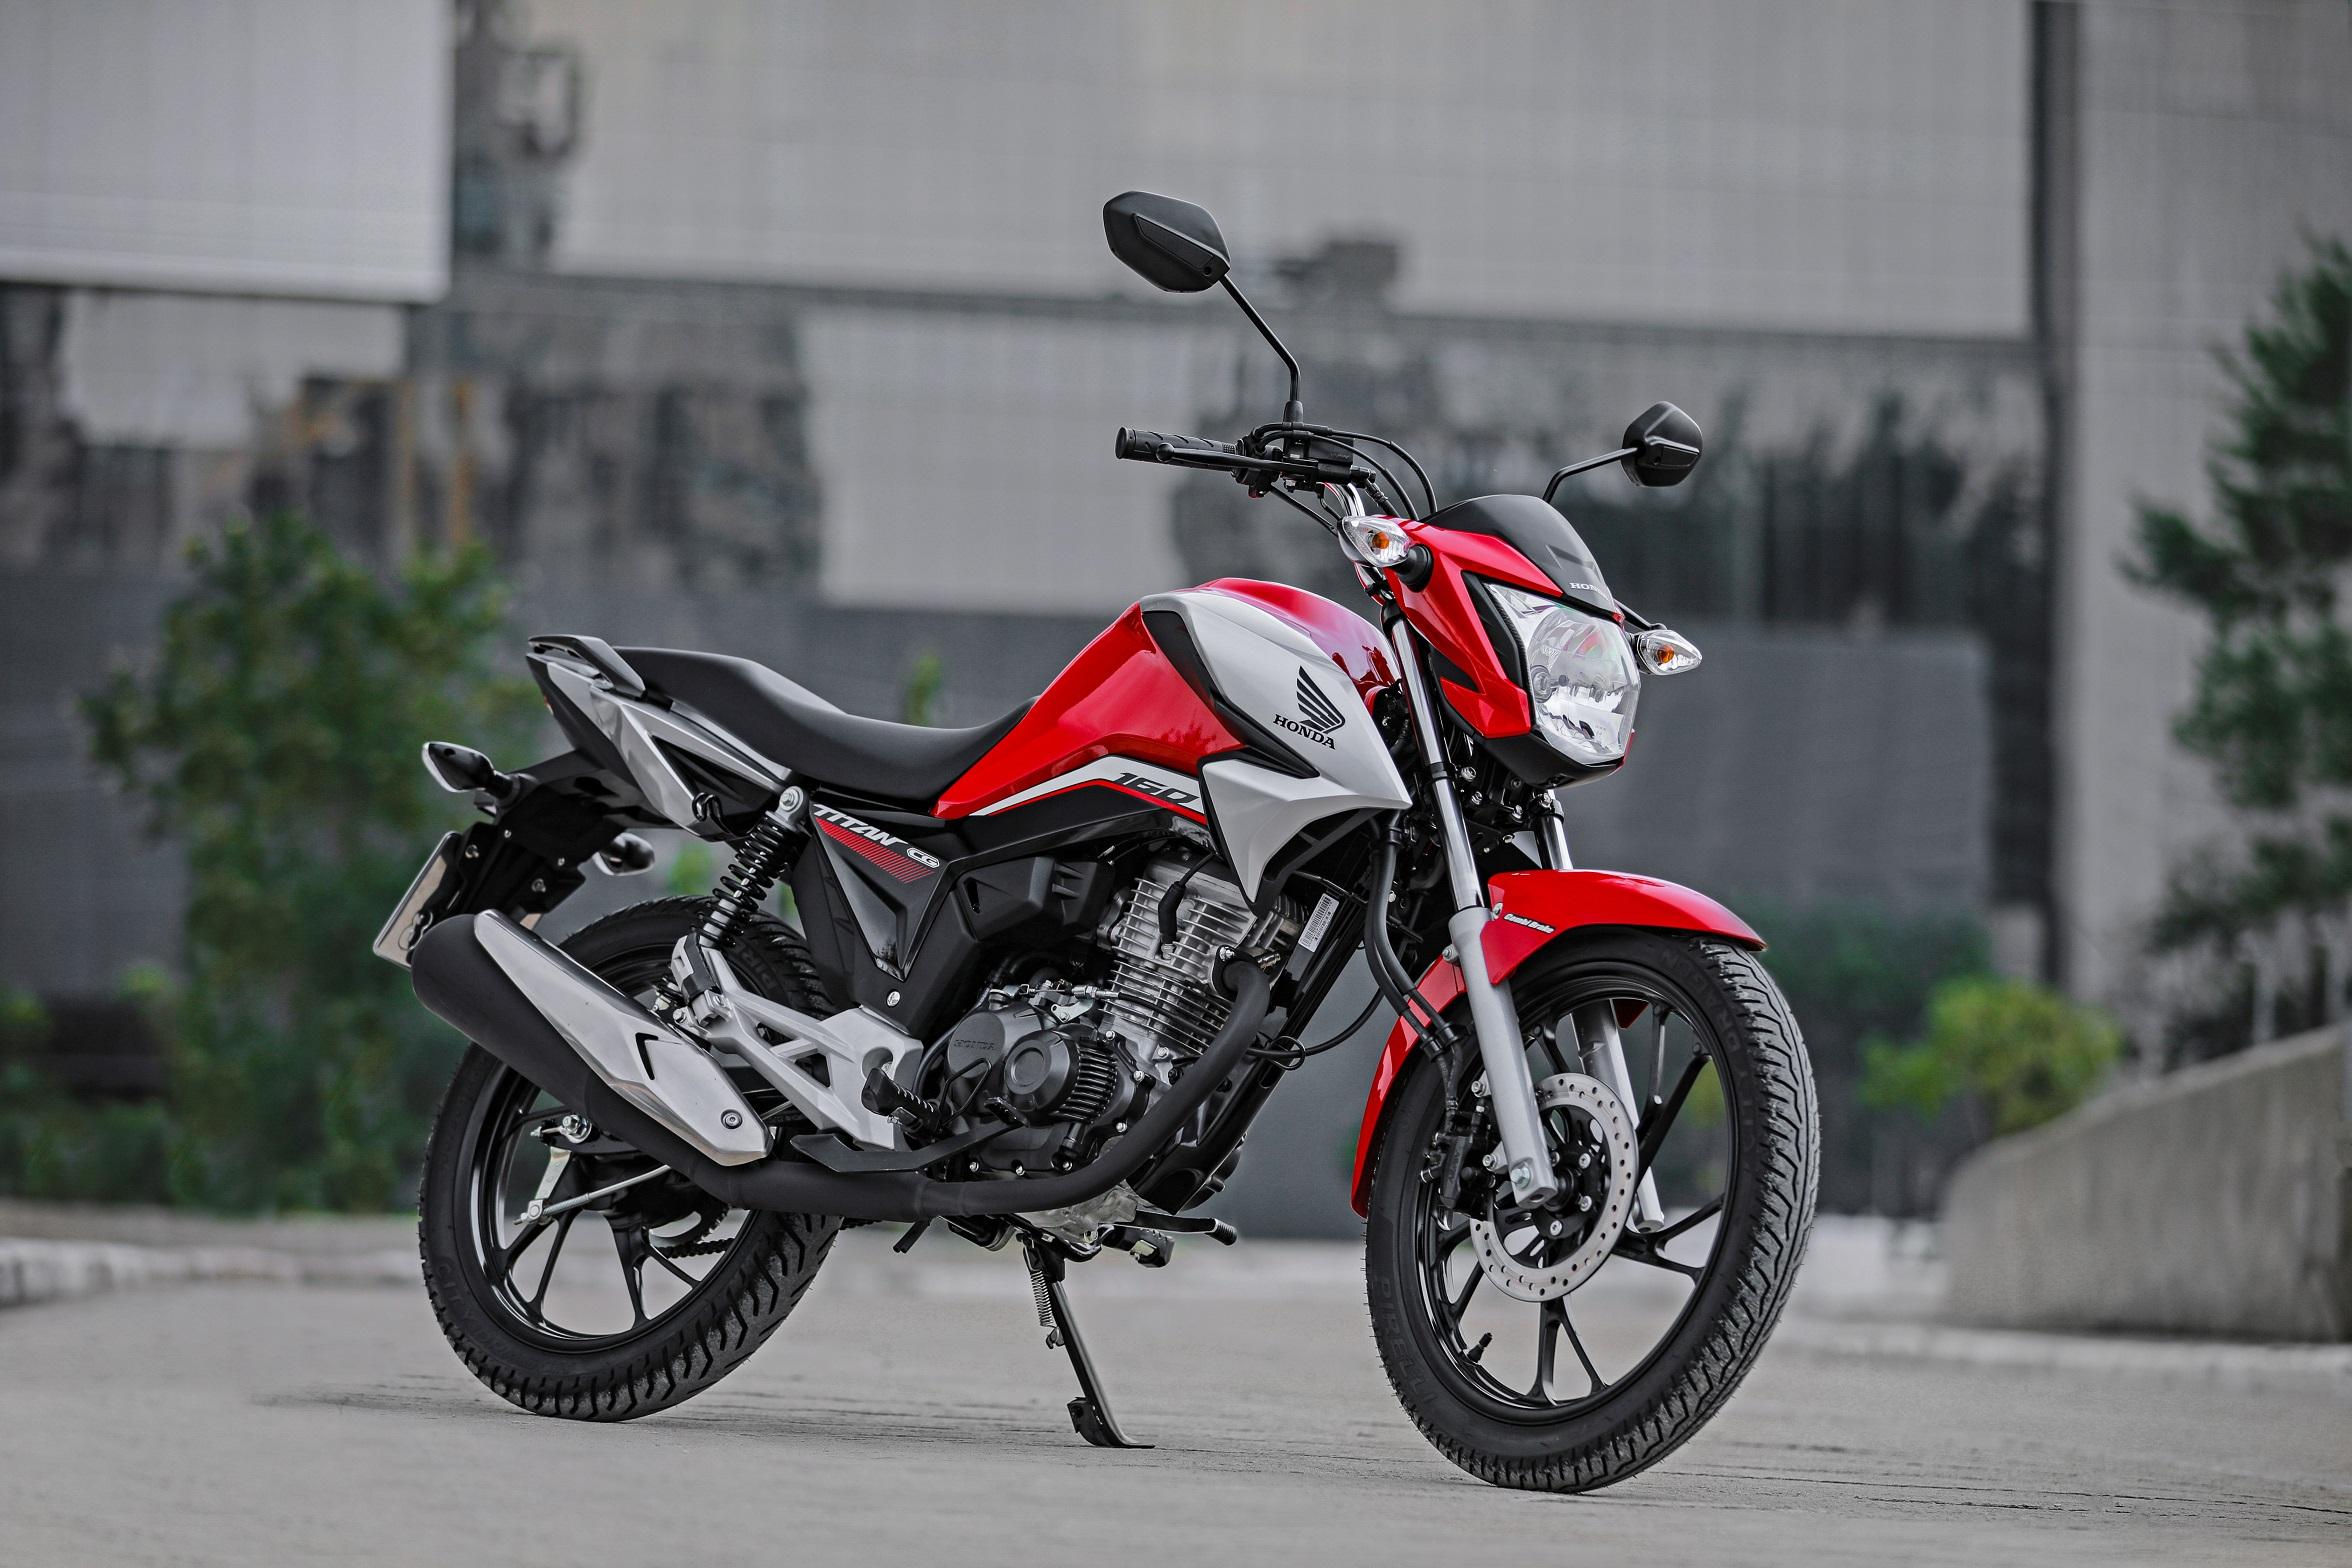 1. Honda Cg 160 Titan - motos mais vendidas